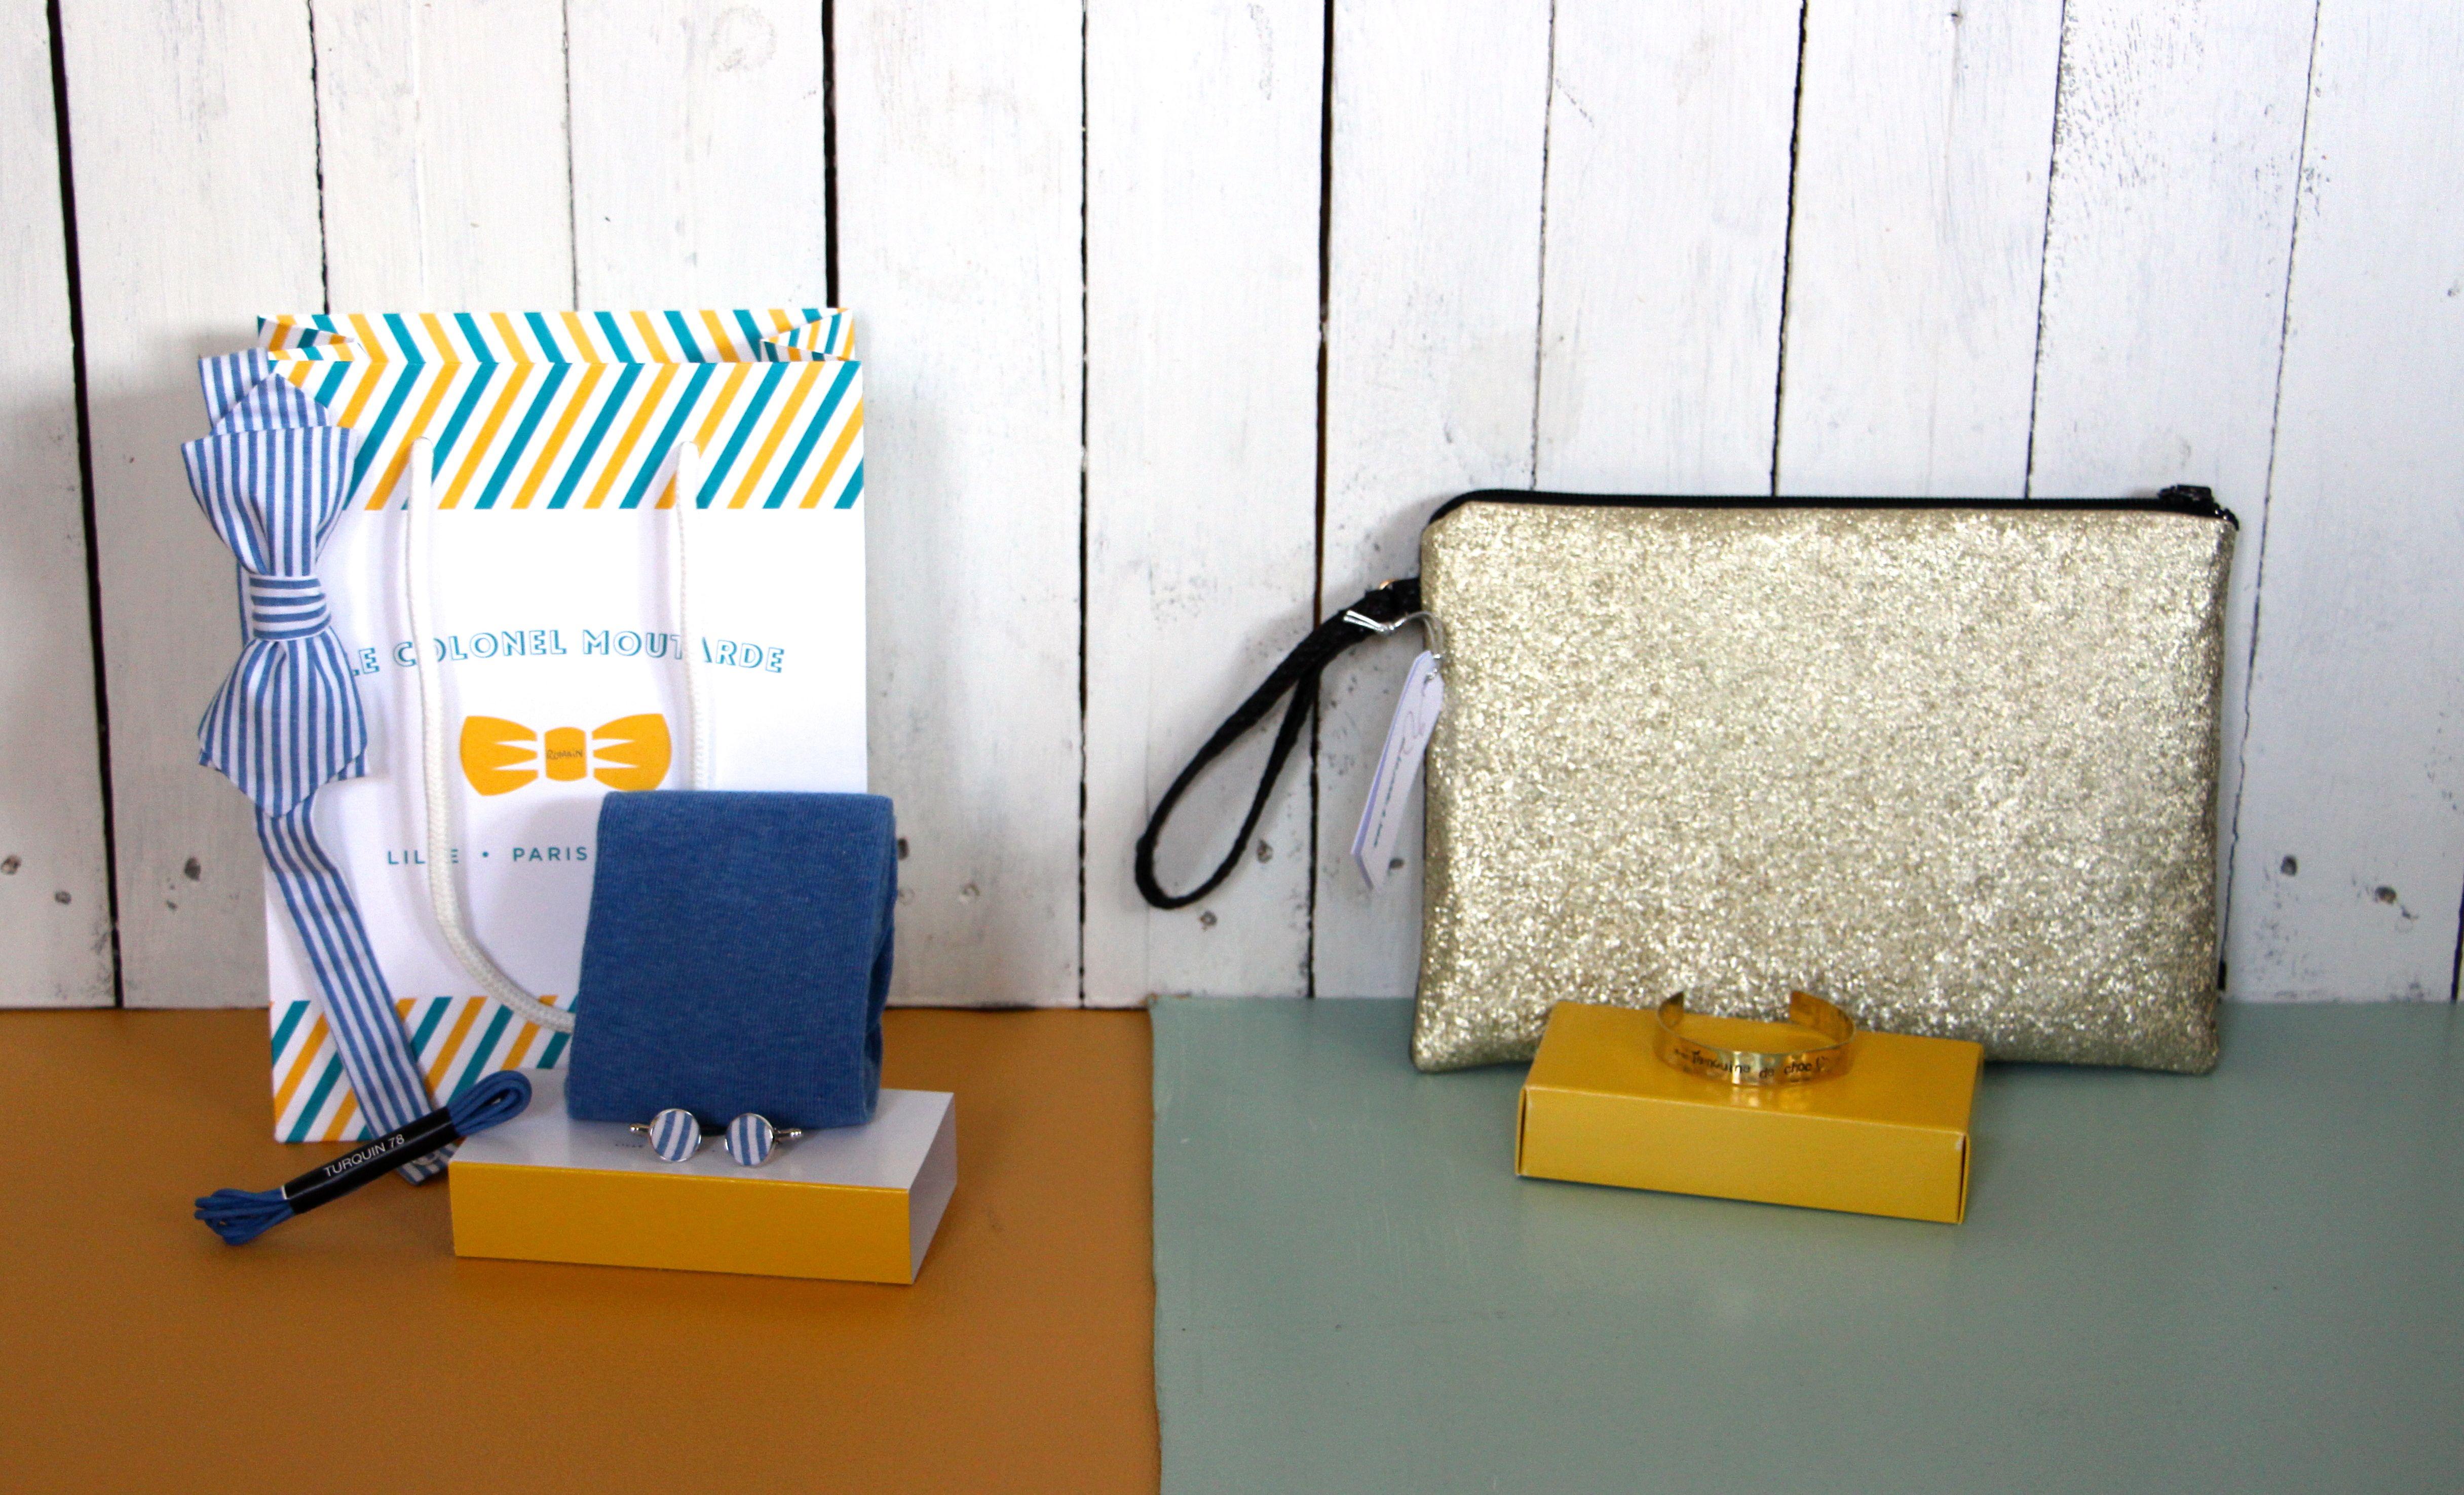 13 id es de cadeau pour vos t moins de mariage chicon choc blog de bonnes adresses lille. Black Bedroom Furniture Sets. Home Design Ideas